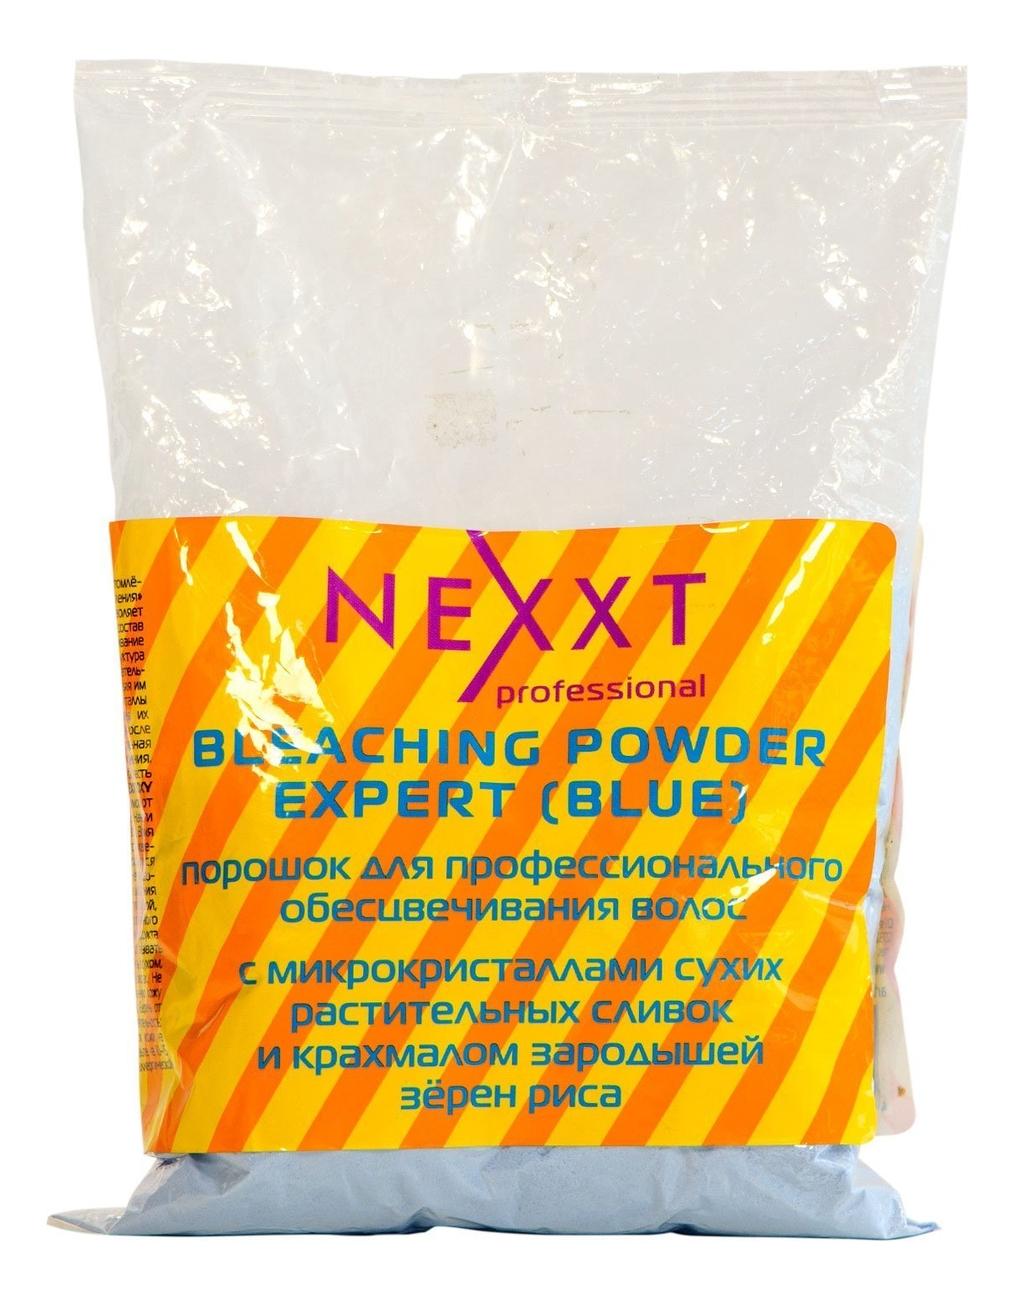 Осветляющий порошок для волос Bleaching Powder Expert Blue: Порошок 500г (пакет) недорого